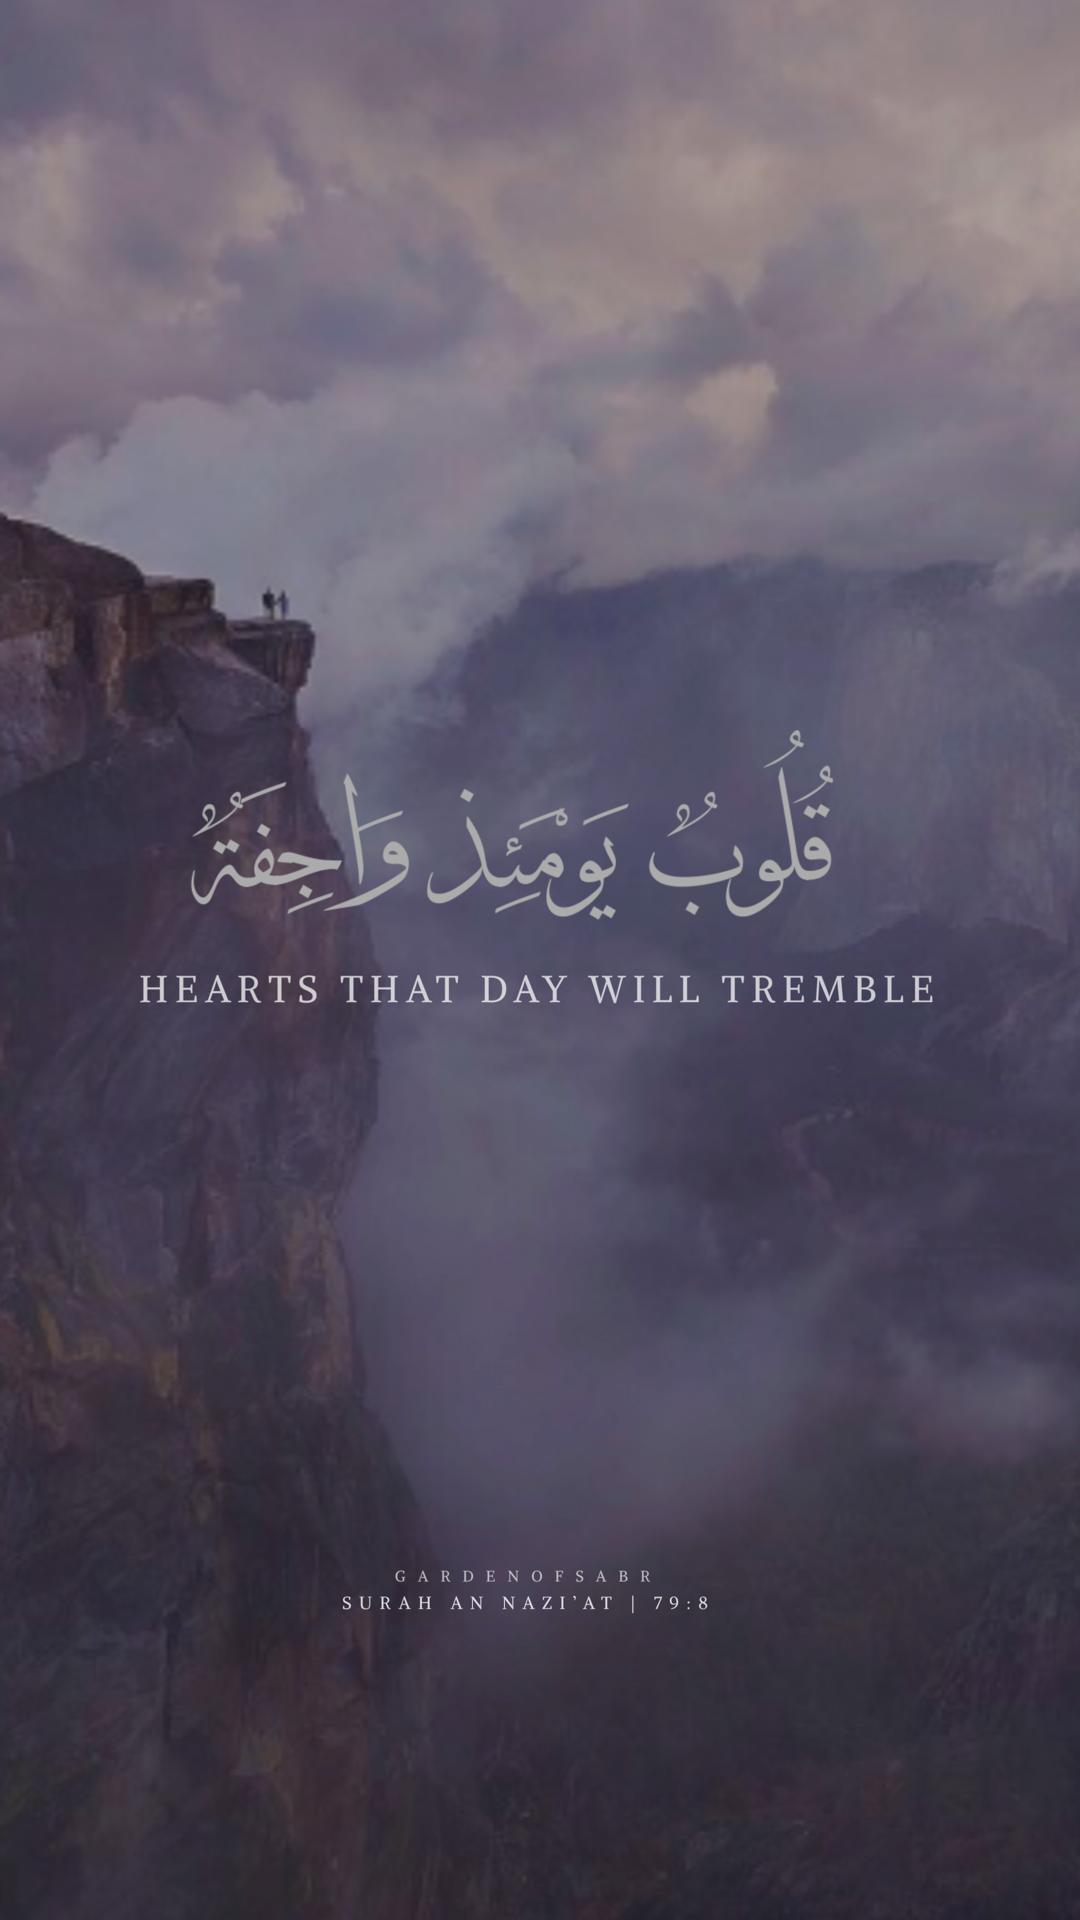 Quotes Quran Tentang Hati Ayat Quran Kutipan Muslim Kata Kata Indah